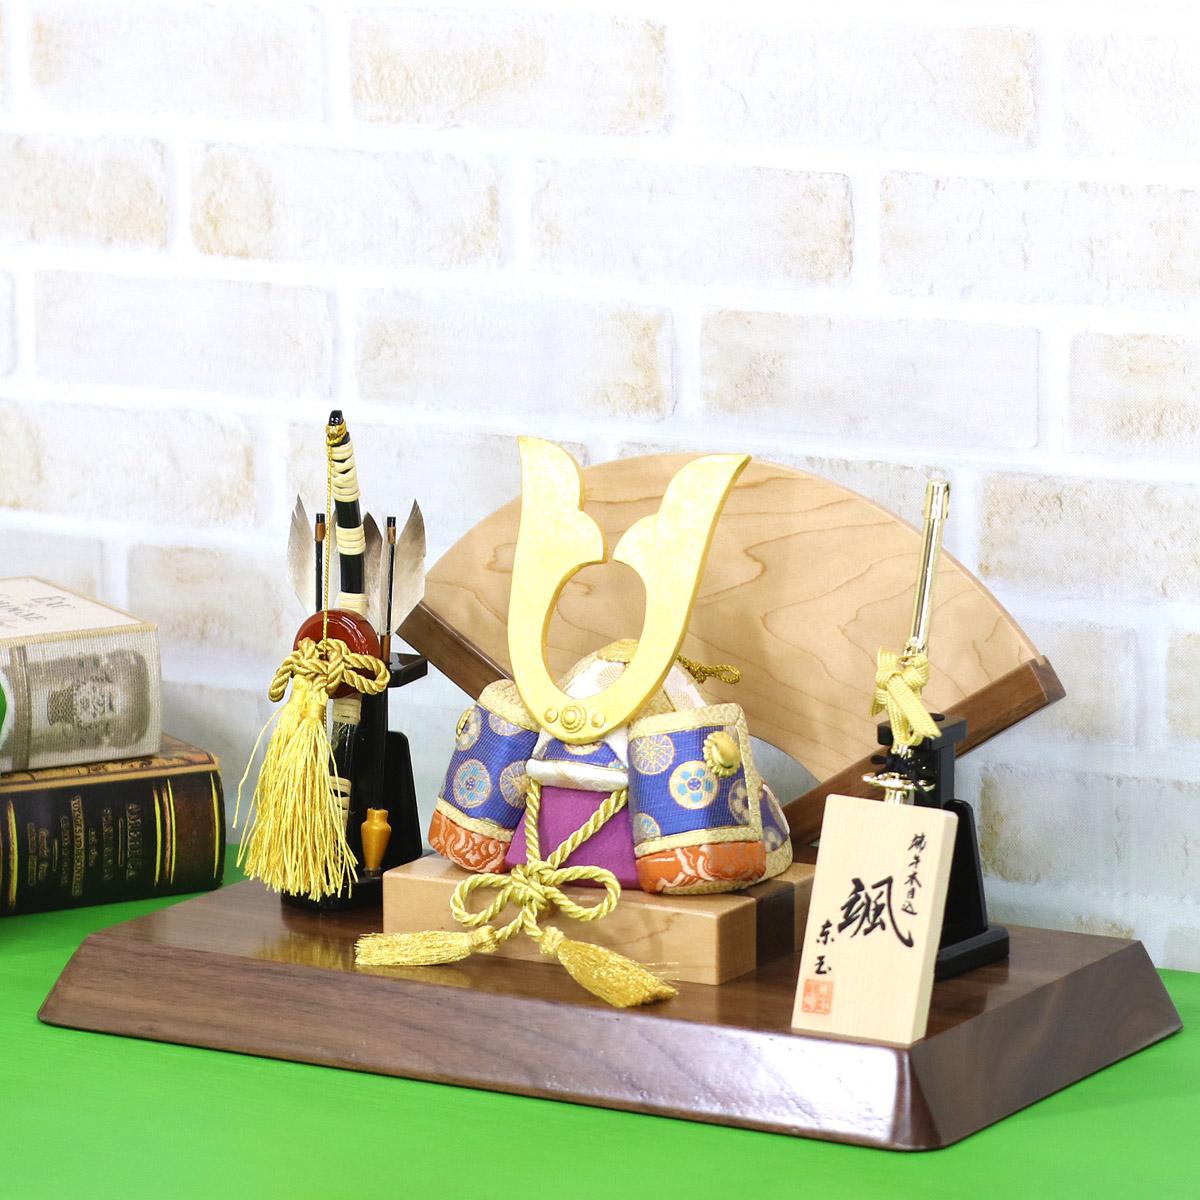 端午の節句 おしゃれ で かっこいい 五月人形を木目込み送料無料※北海道・沖縄除く 五月人形 東玉 木目込み 「天」 高級木材使用 扇型屏風 飾り台セット GOTG-NO11-W13コンパクト おしゃれ 木目込み 五月人形